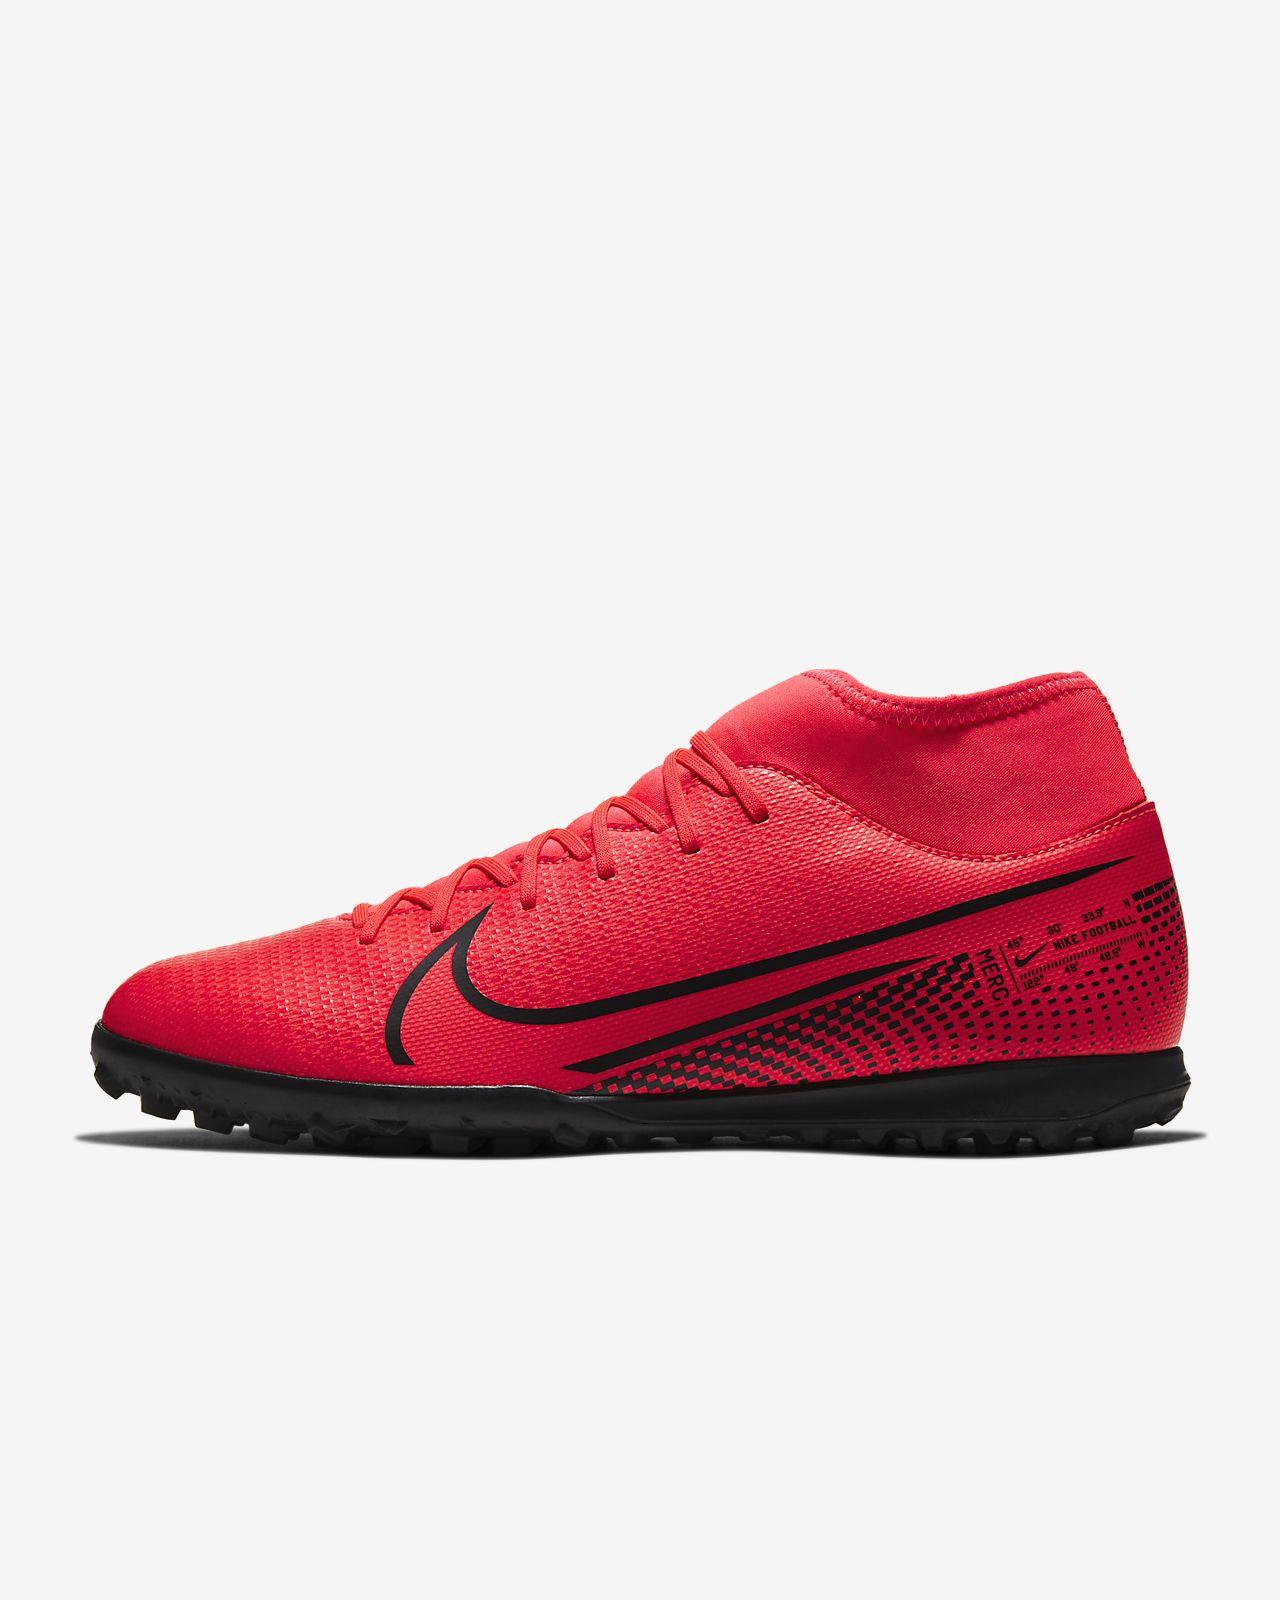 รองเท้าฟุตบอลสำหรับพื้นหญ้าเทียม Nike Mercurial Superfly 7 Club TF